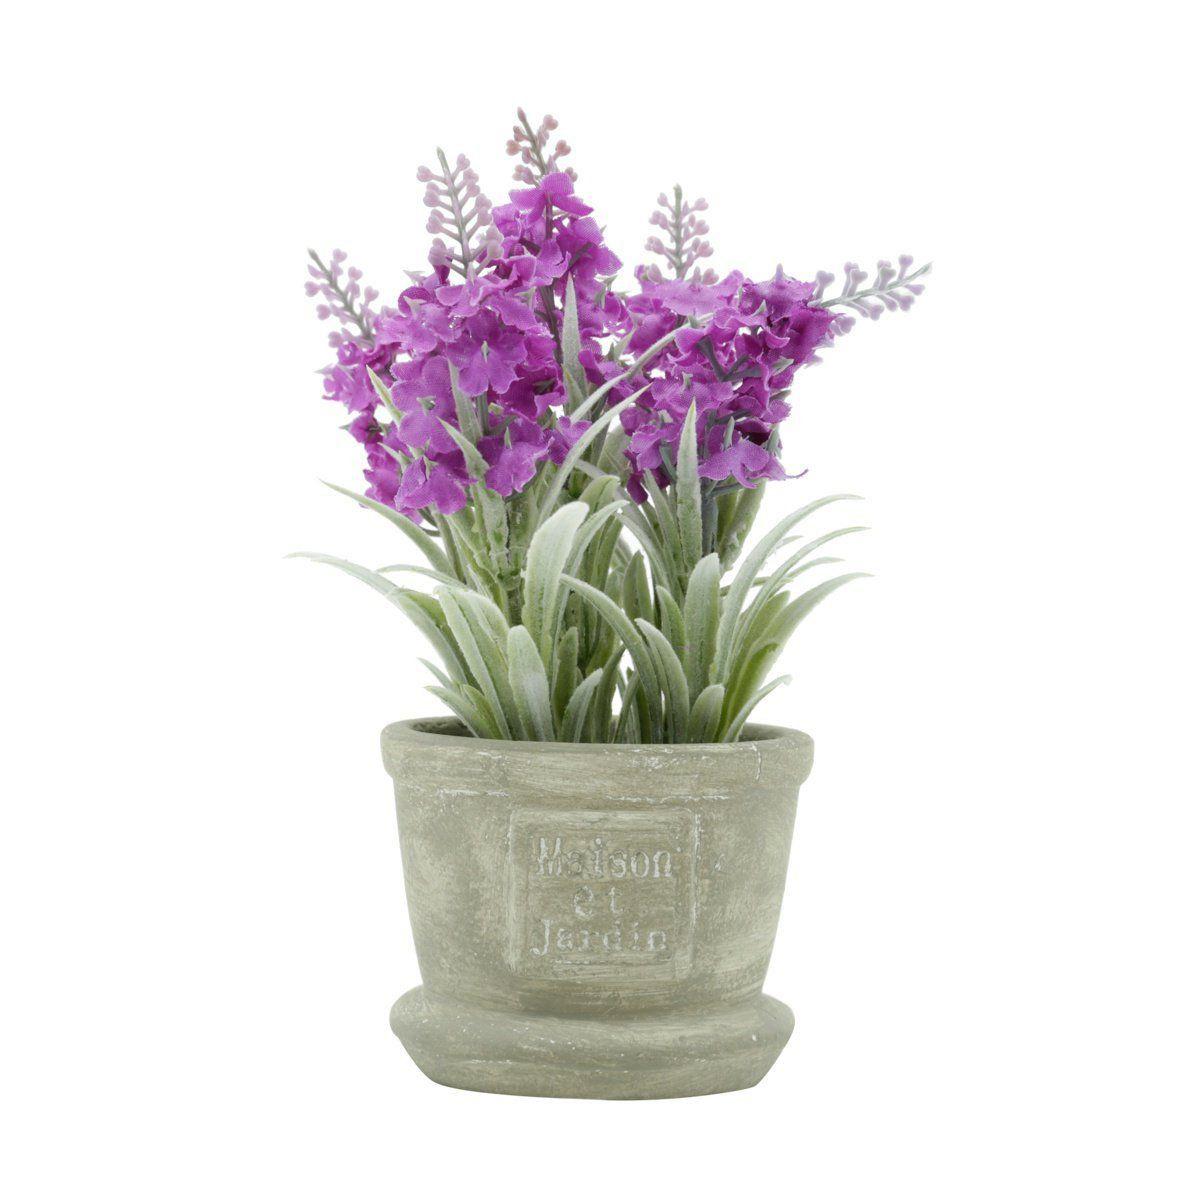 Vaso de Concreto com Lavanda Artificial Roxo 17,5cm x 8cm - 42038